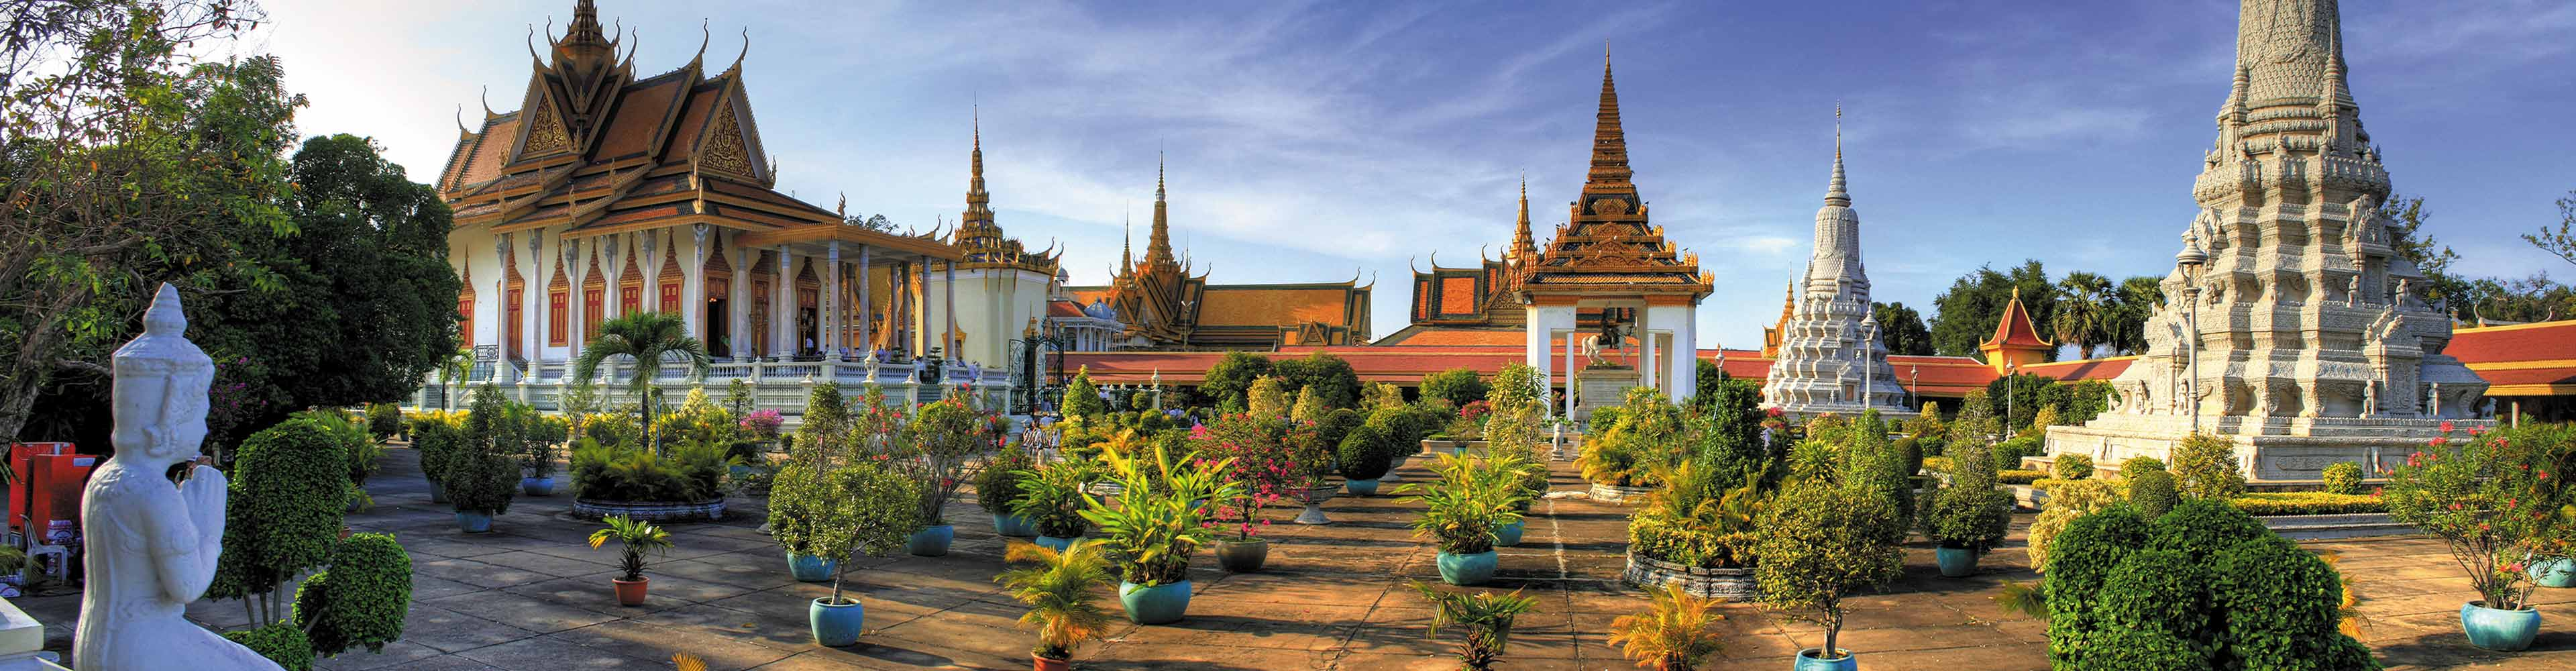 Laos & Cambodia Impressions